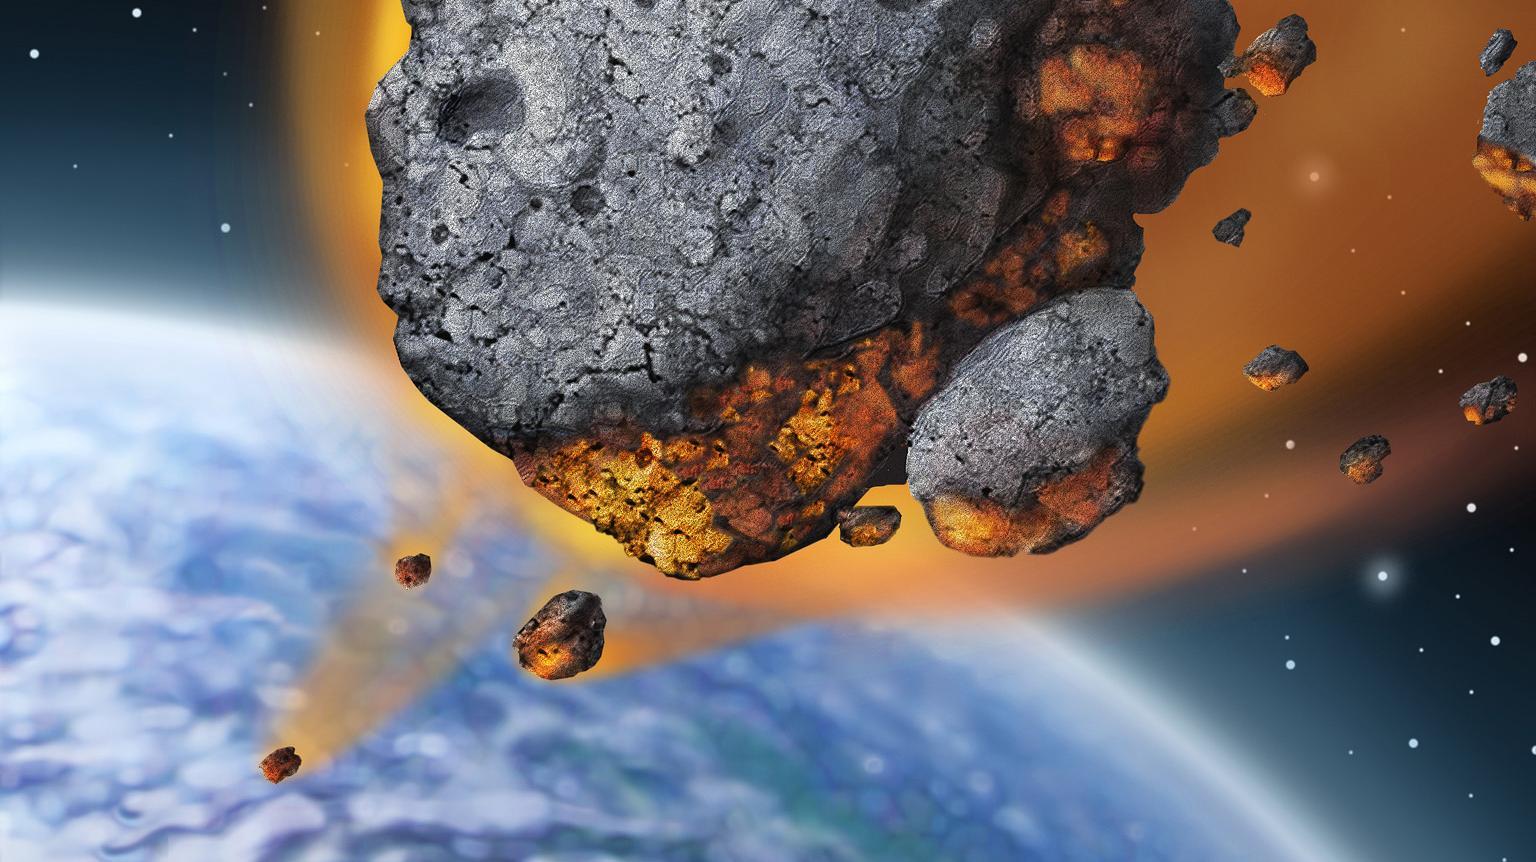 доска картинка астероид врезается в землю последние годы